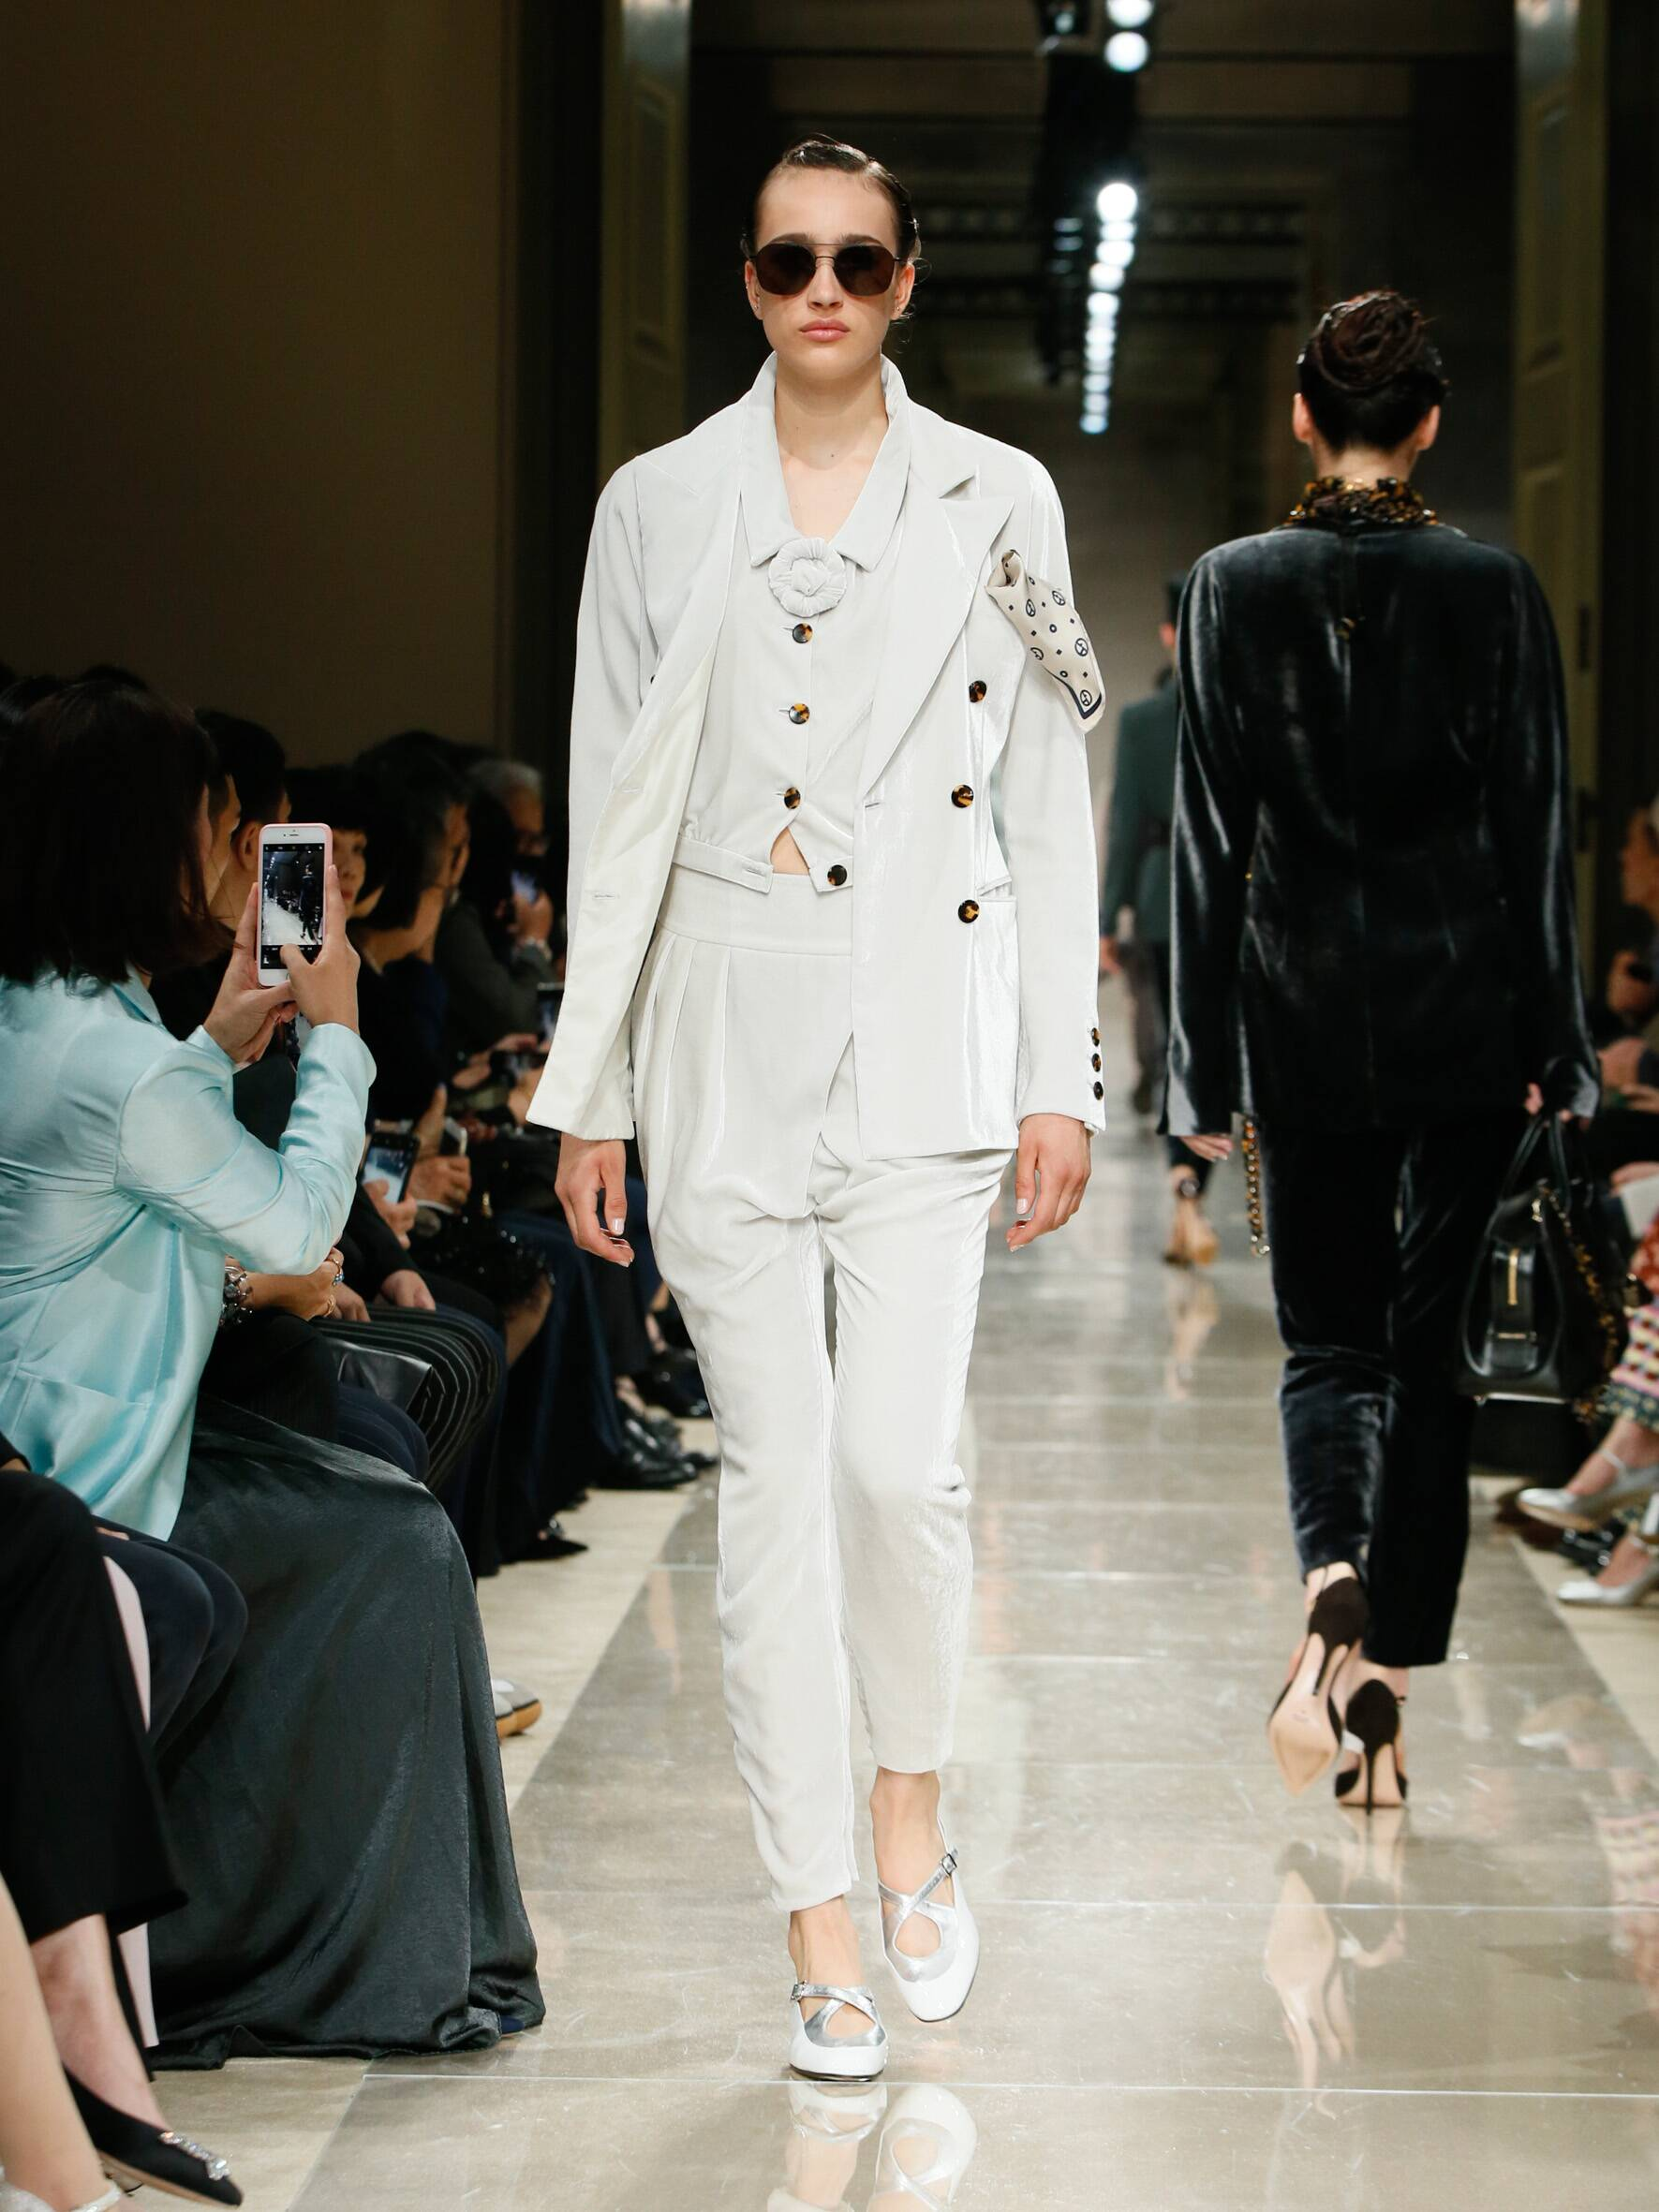 Giorgio Armani Cruise 2020 Collection Look 6 Tokyo